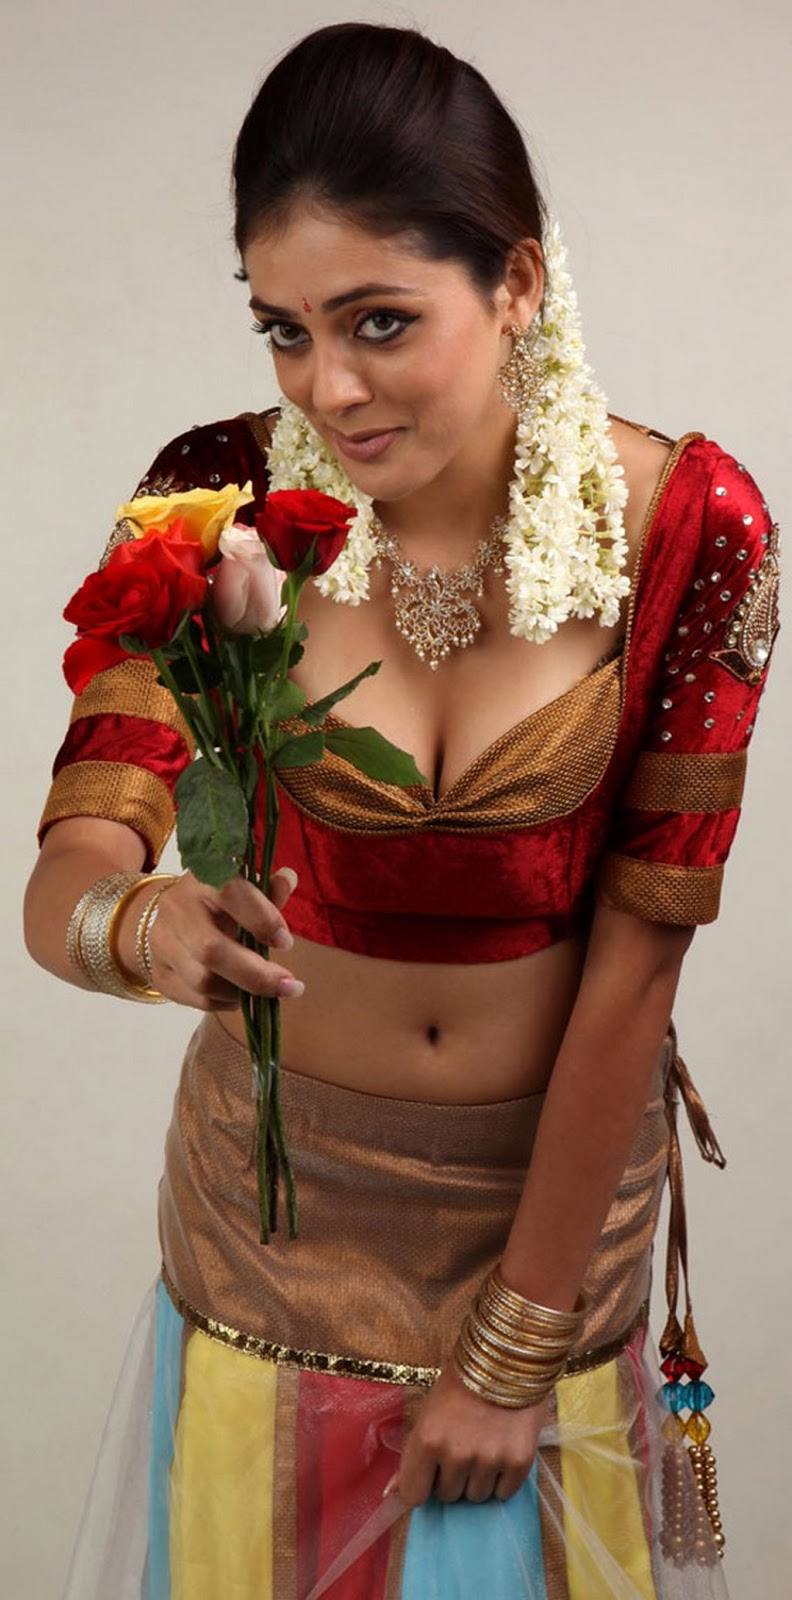 Telugu Actress Hot Nude Photos